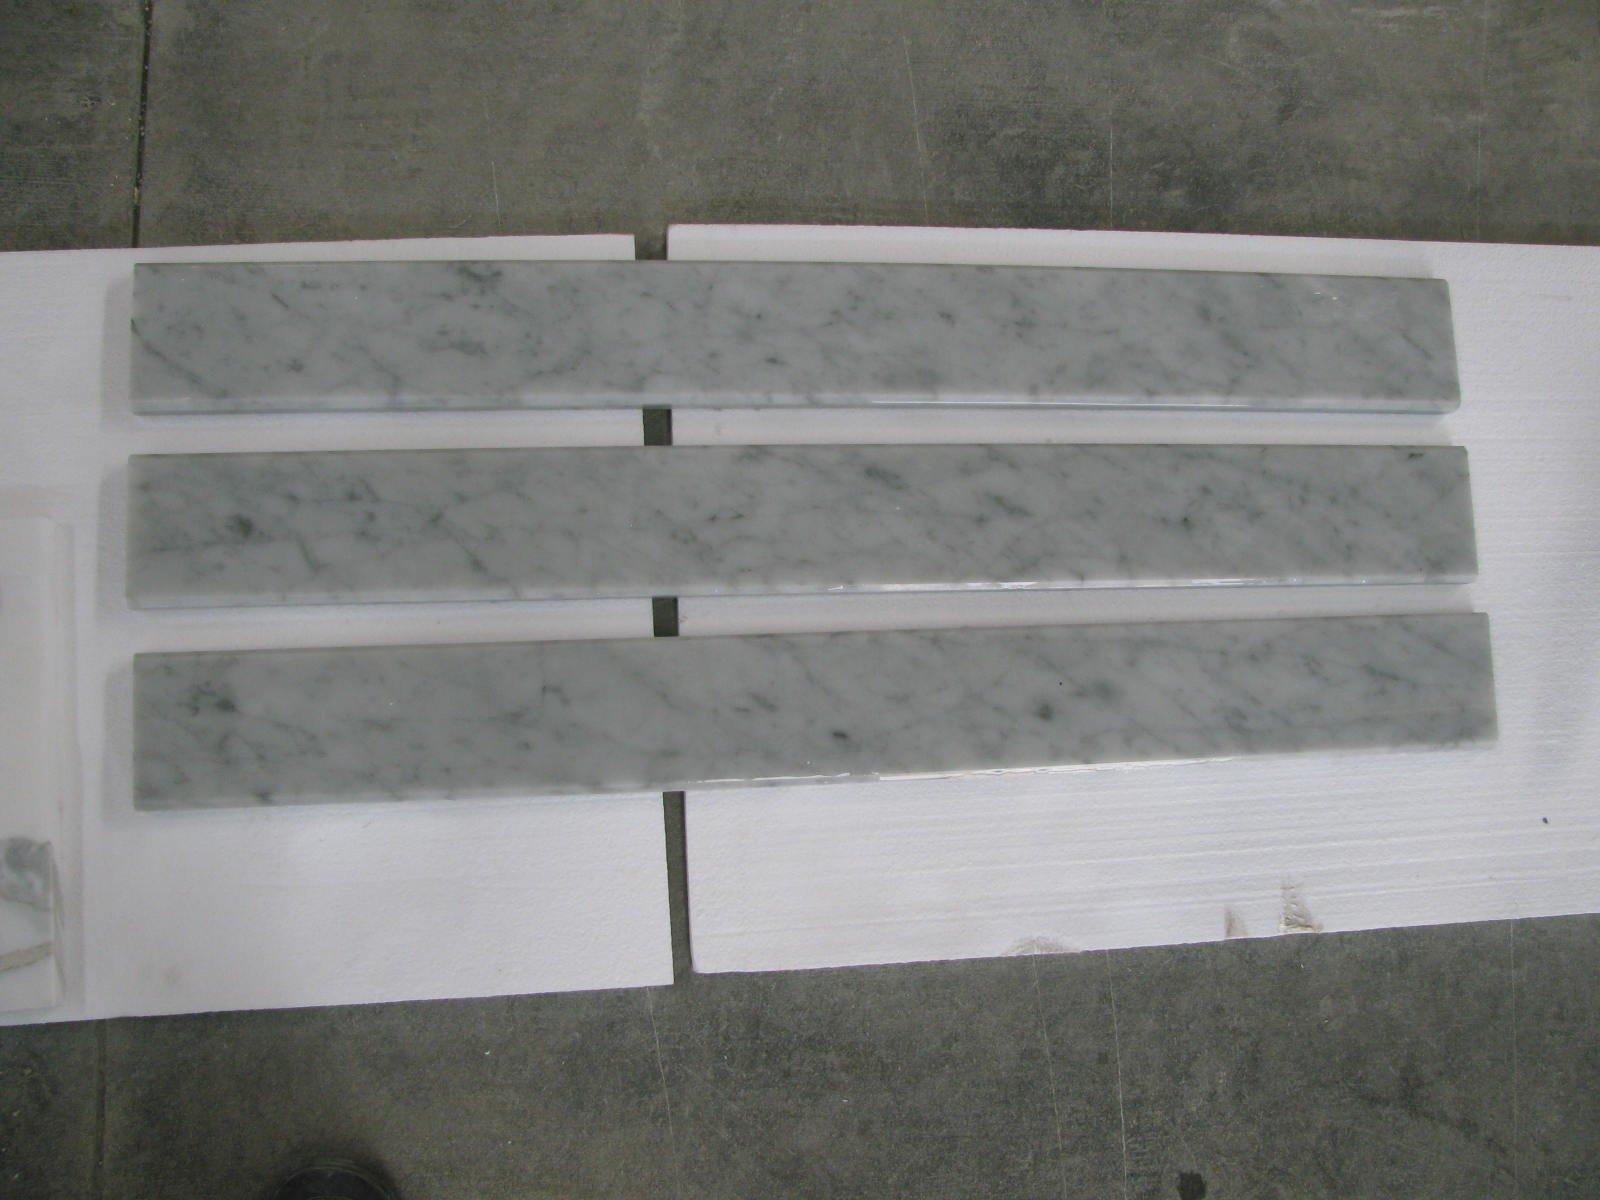 Italian Bianco Carrara Polished Marble Saddles by MarbleTileDirect (Image #2)